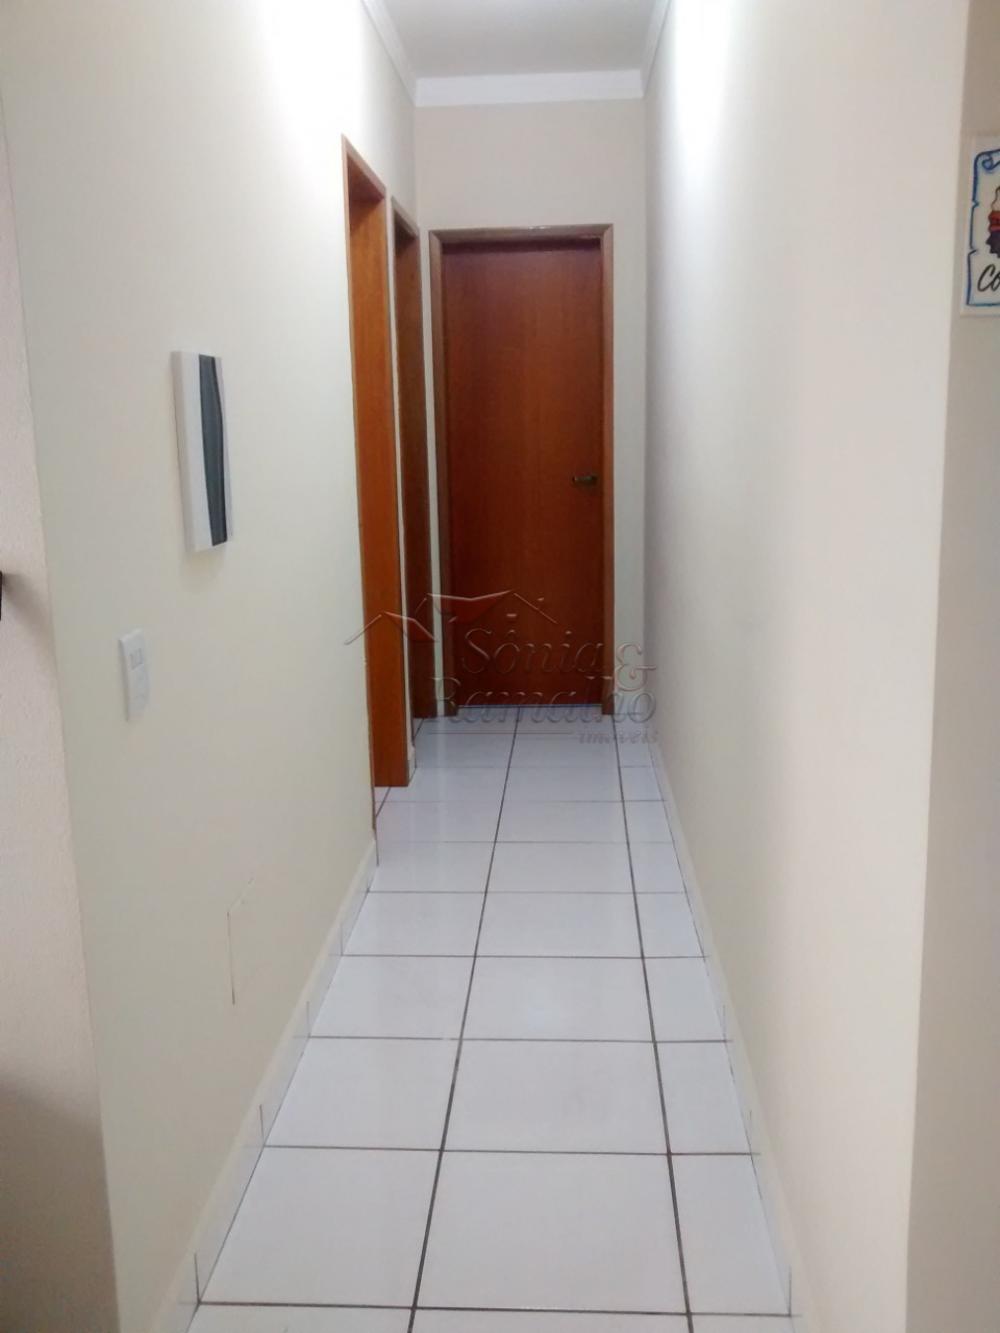 Comprar Apartamentos / Padrão em Ribeirão Preto apenas R$ 230.000,00 - Foto 5